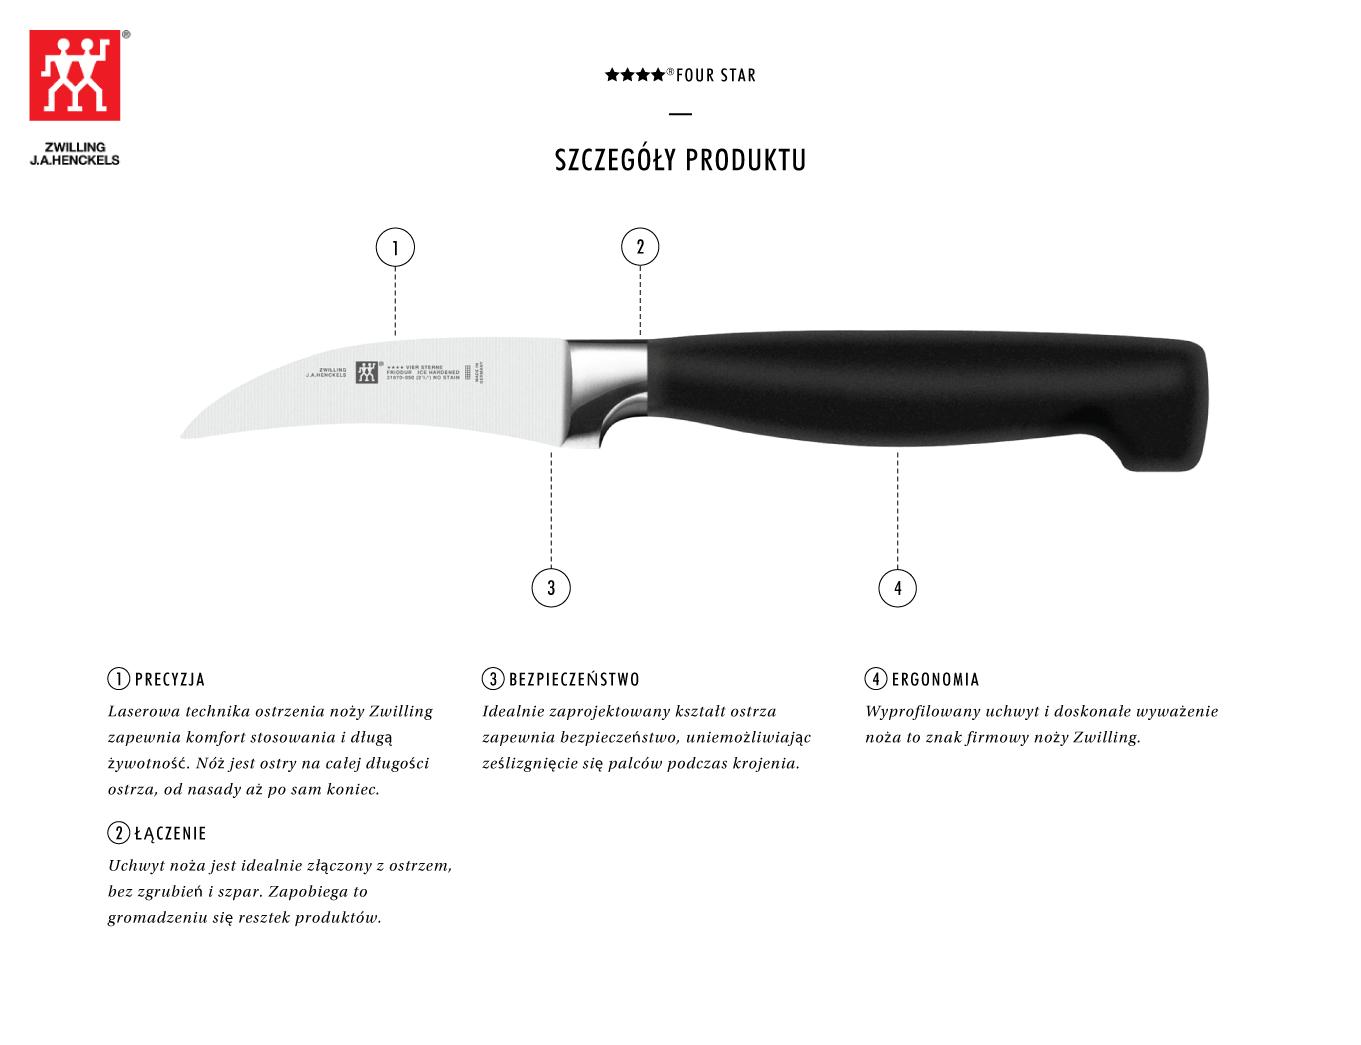 Dlaczego warto kupić nóż do obierania warzyw Zwilling ★★★★ ®FOUR STAR?